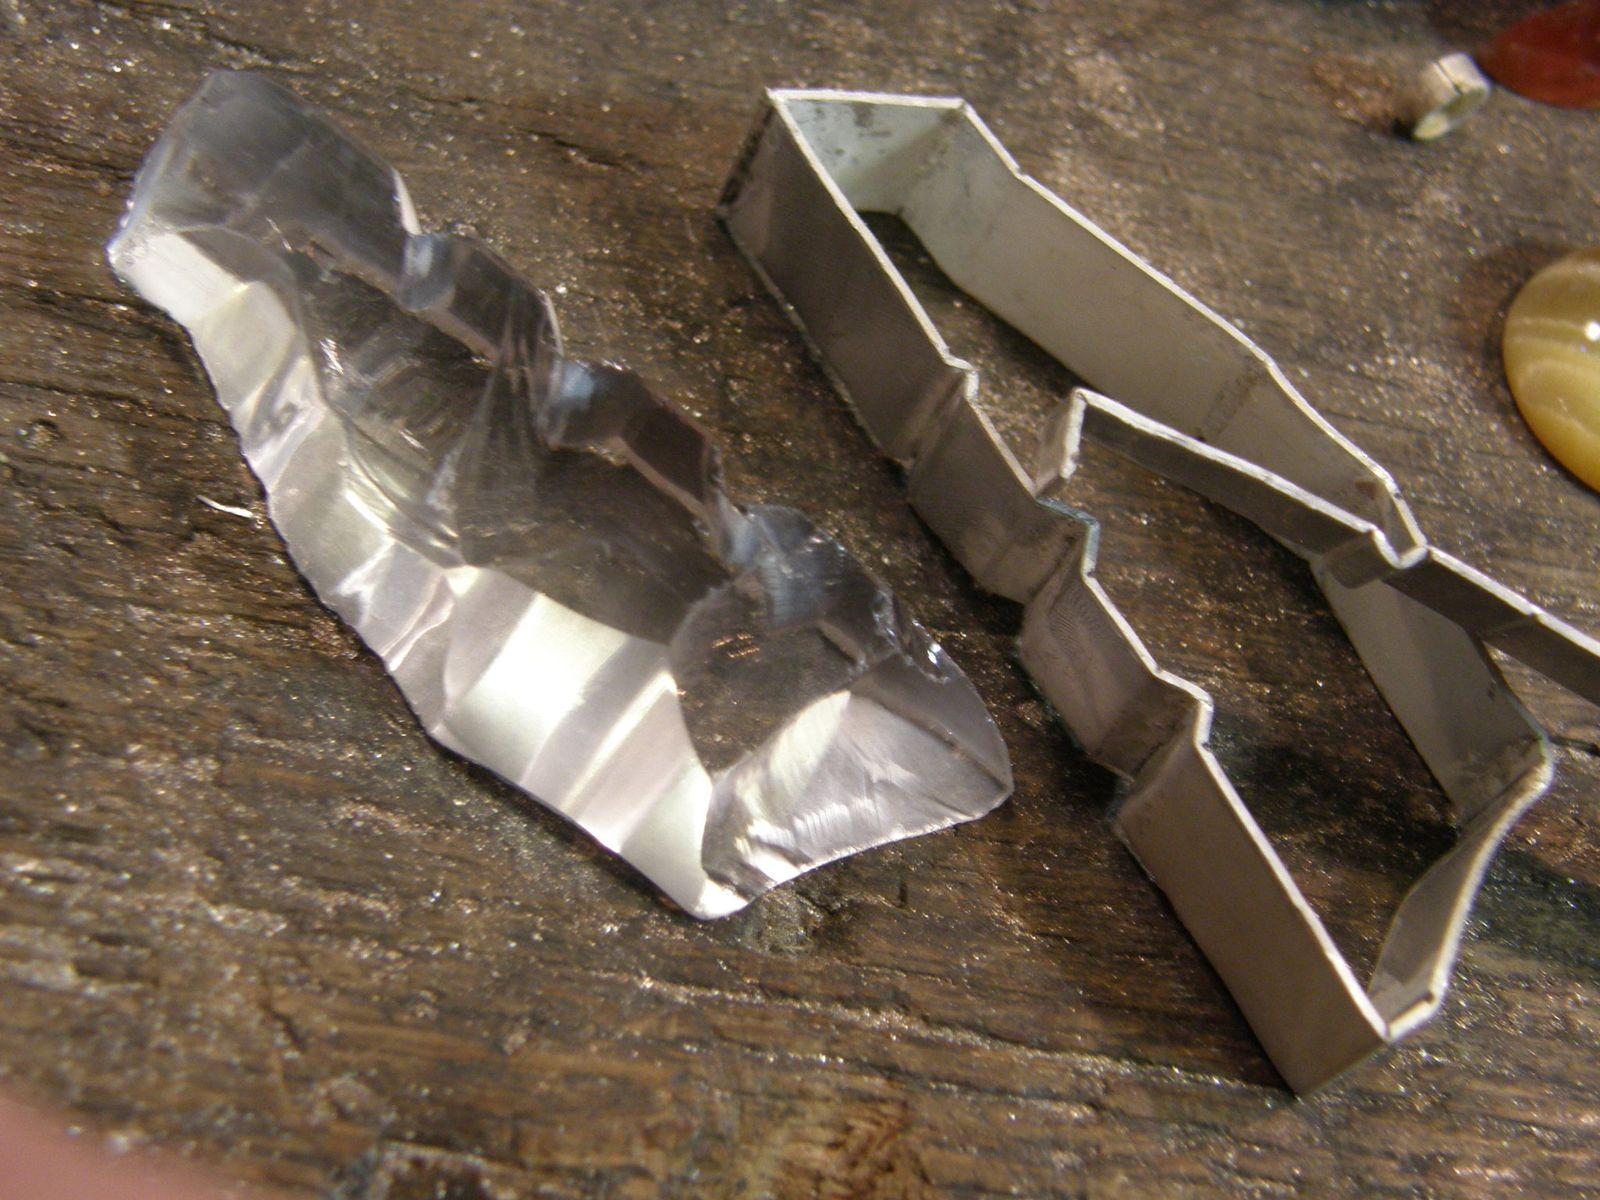 La pierre, le sertis et le soutien de la pierre dans le sertis, en cours de fabrication.